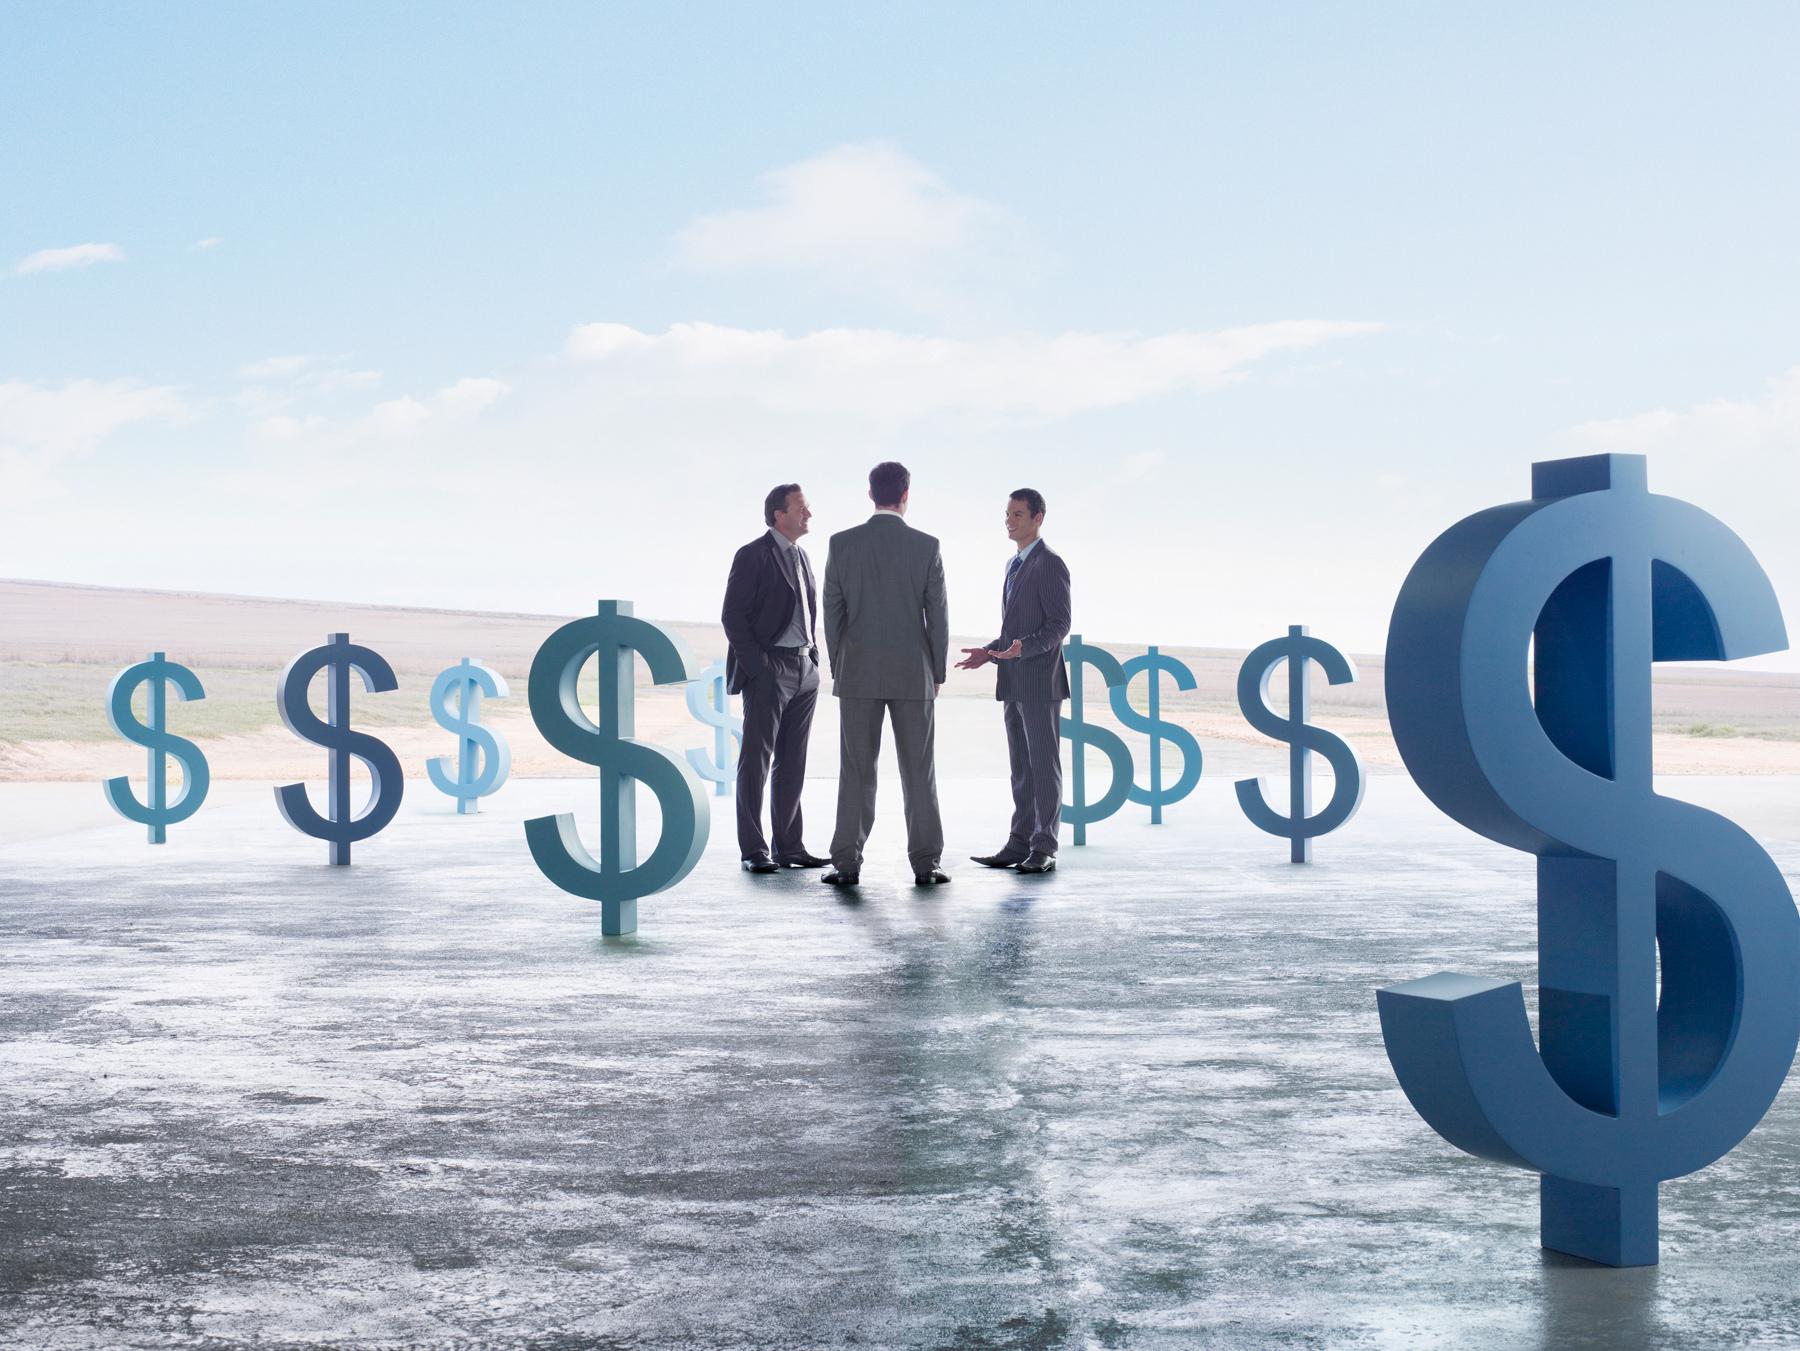 Mas de 200 Inversores Institucionales con más de 15 Trillones de Dólares urgen la Implementación del Acuerdo de Paris